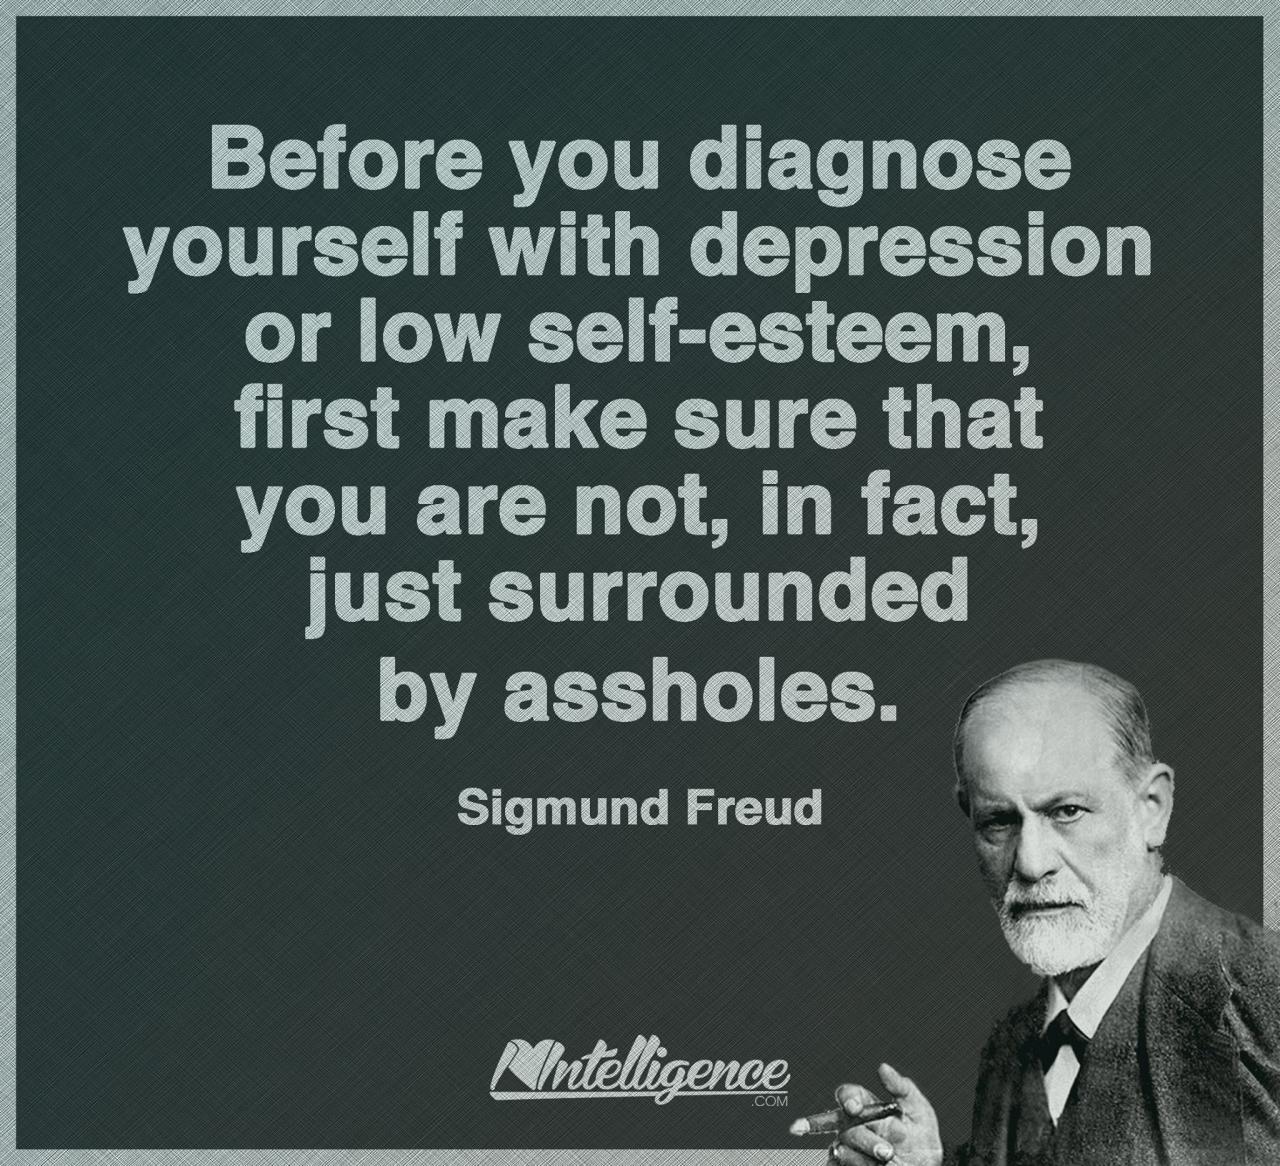 Freud Zitate Erstaunliche Zitate Inspirierende Zitate Bedeutungsvolle Zitate Damals Spruche Bei Depressionen Sigmund Freud Spruche Ratschlage Zitate